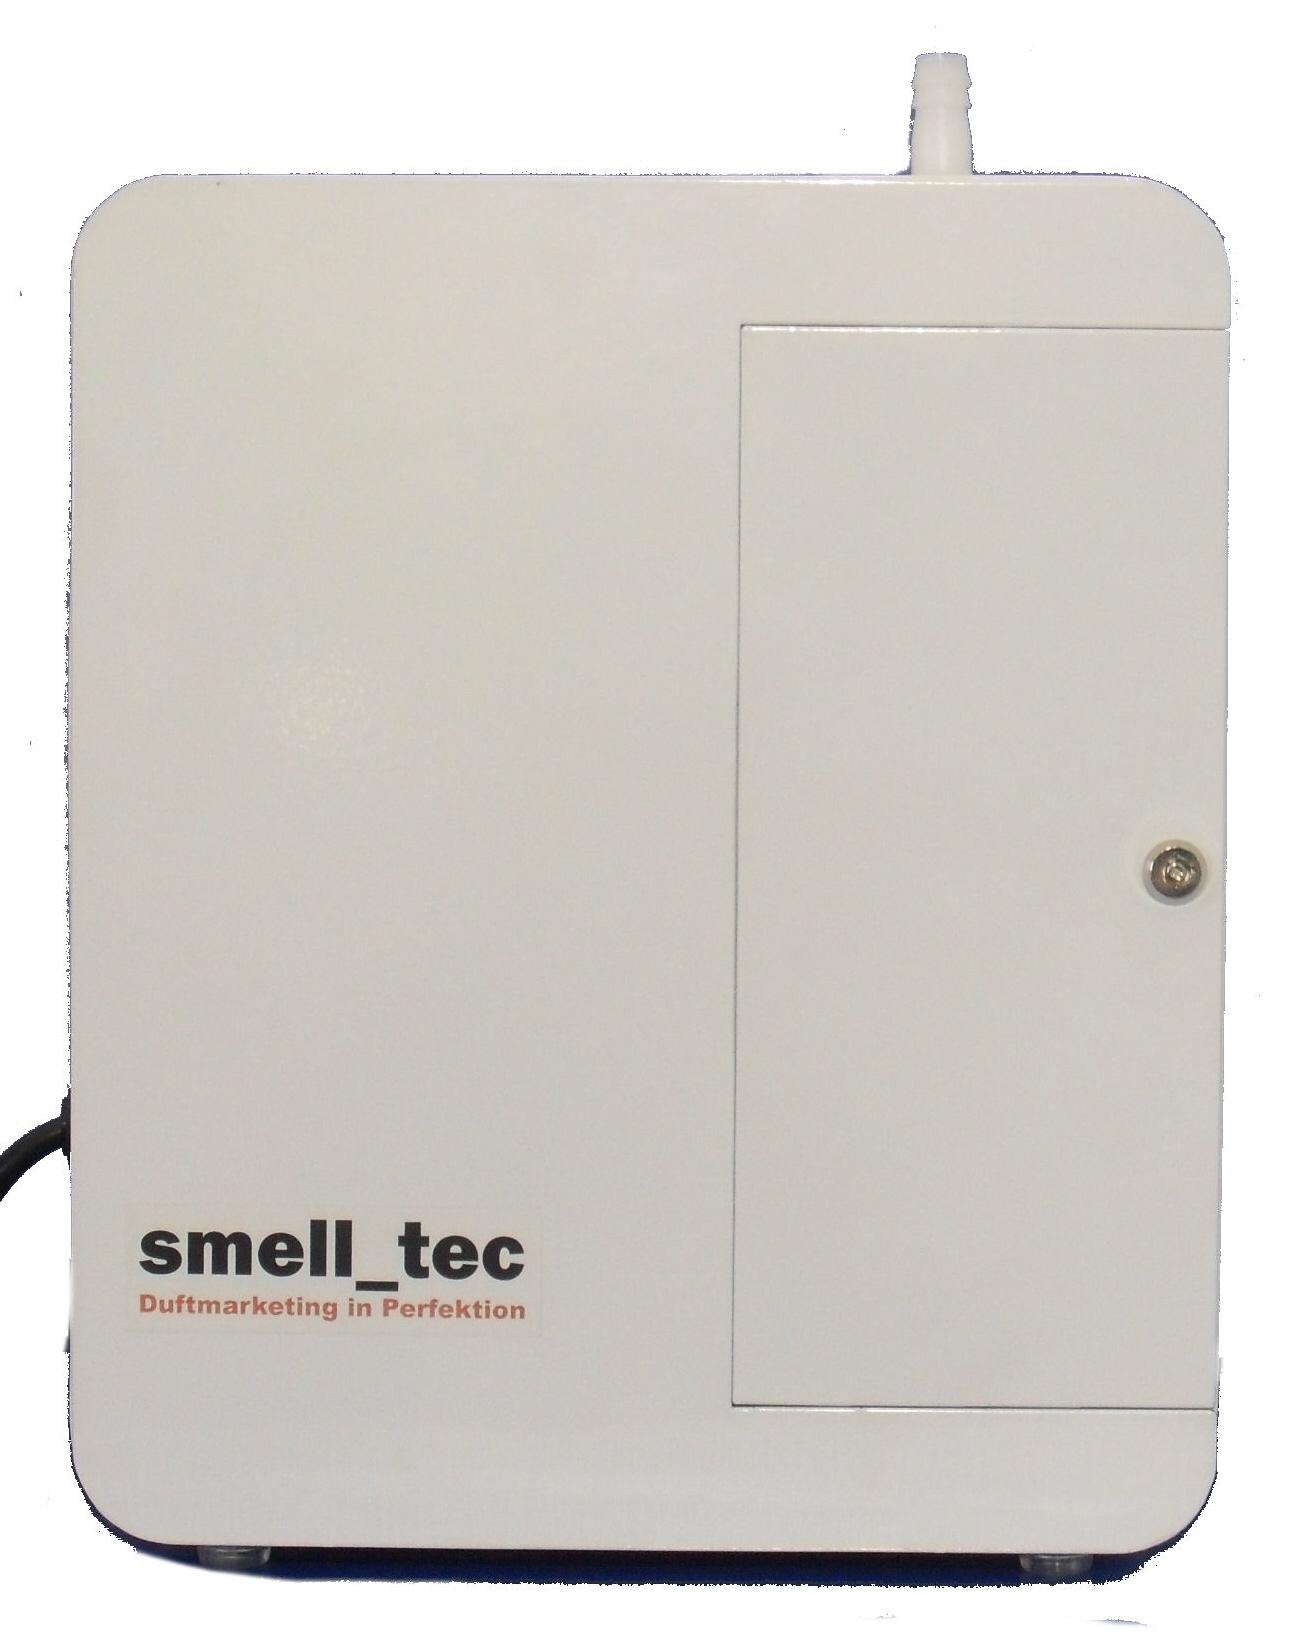 Duft Fur Luftungsanlage Klimaanlage Und Heizung Zu Hause